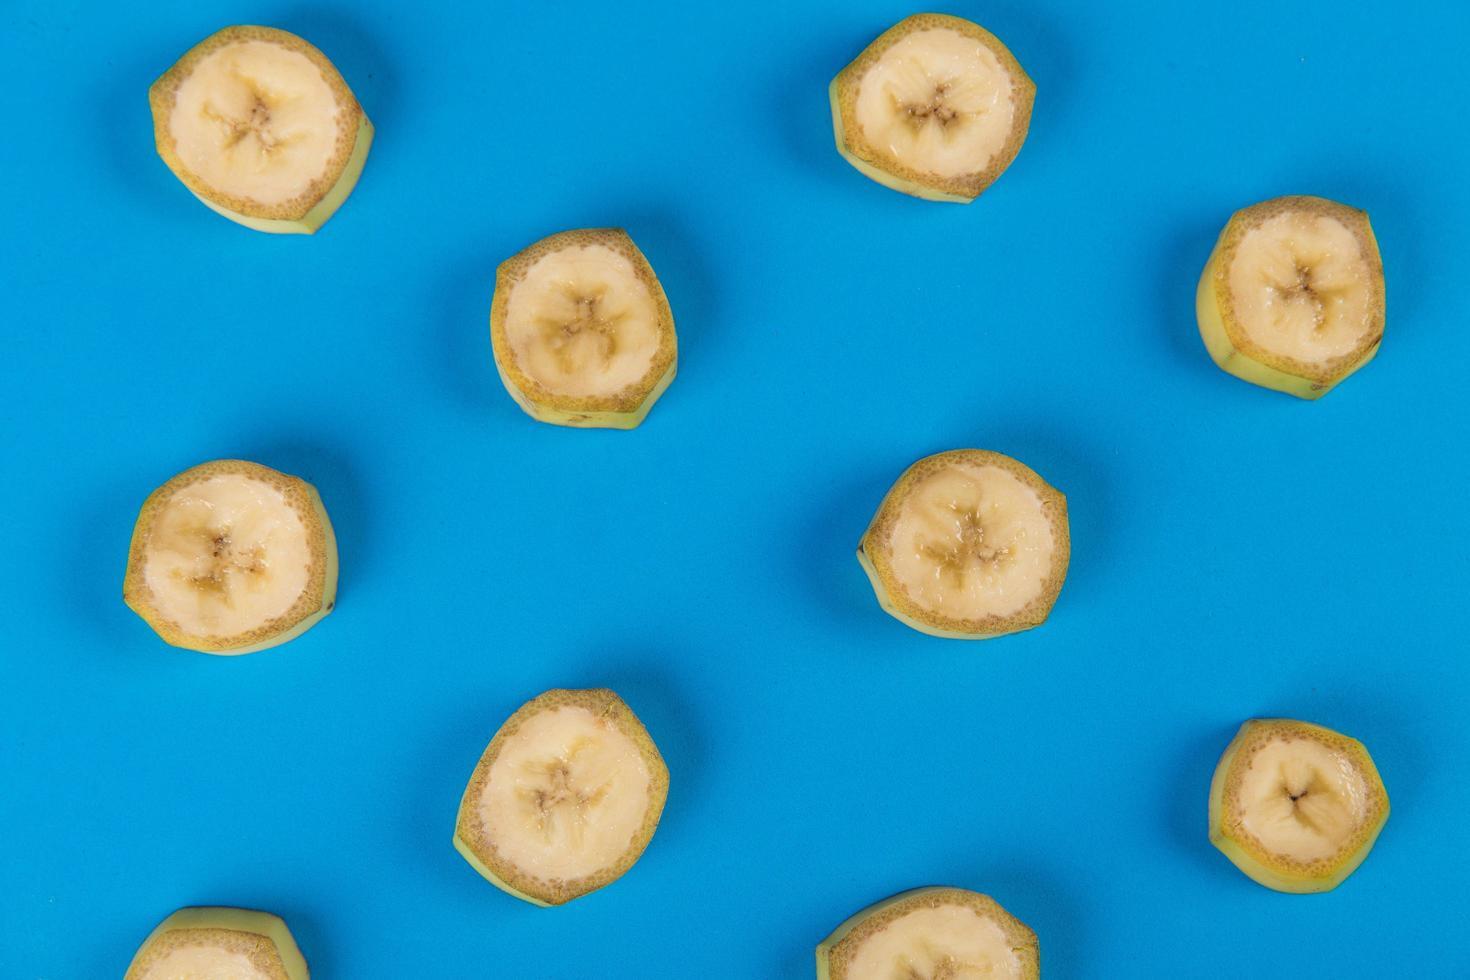 ungeschälte Bananenscheiben auf blauem Hintergrund foto